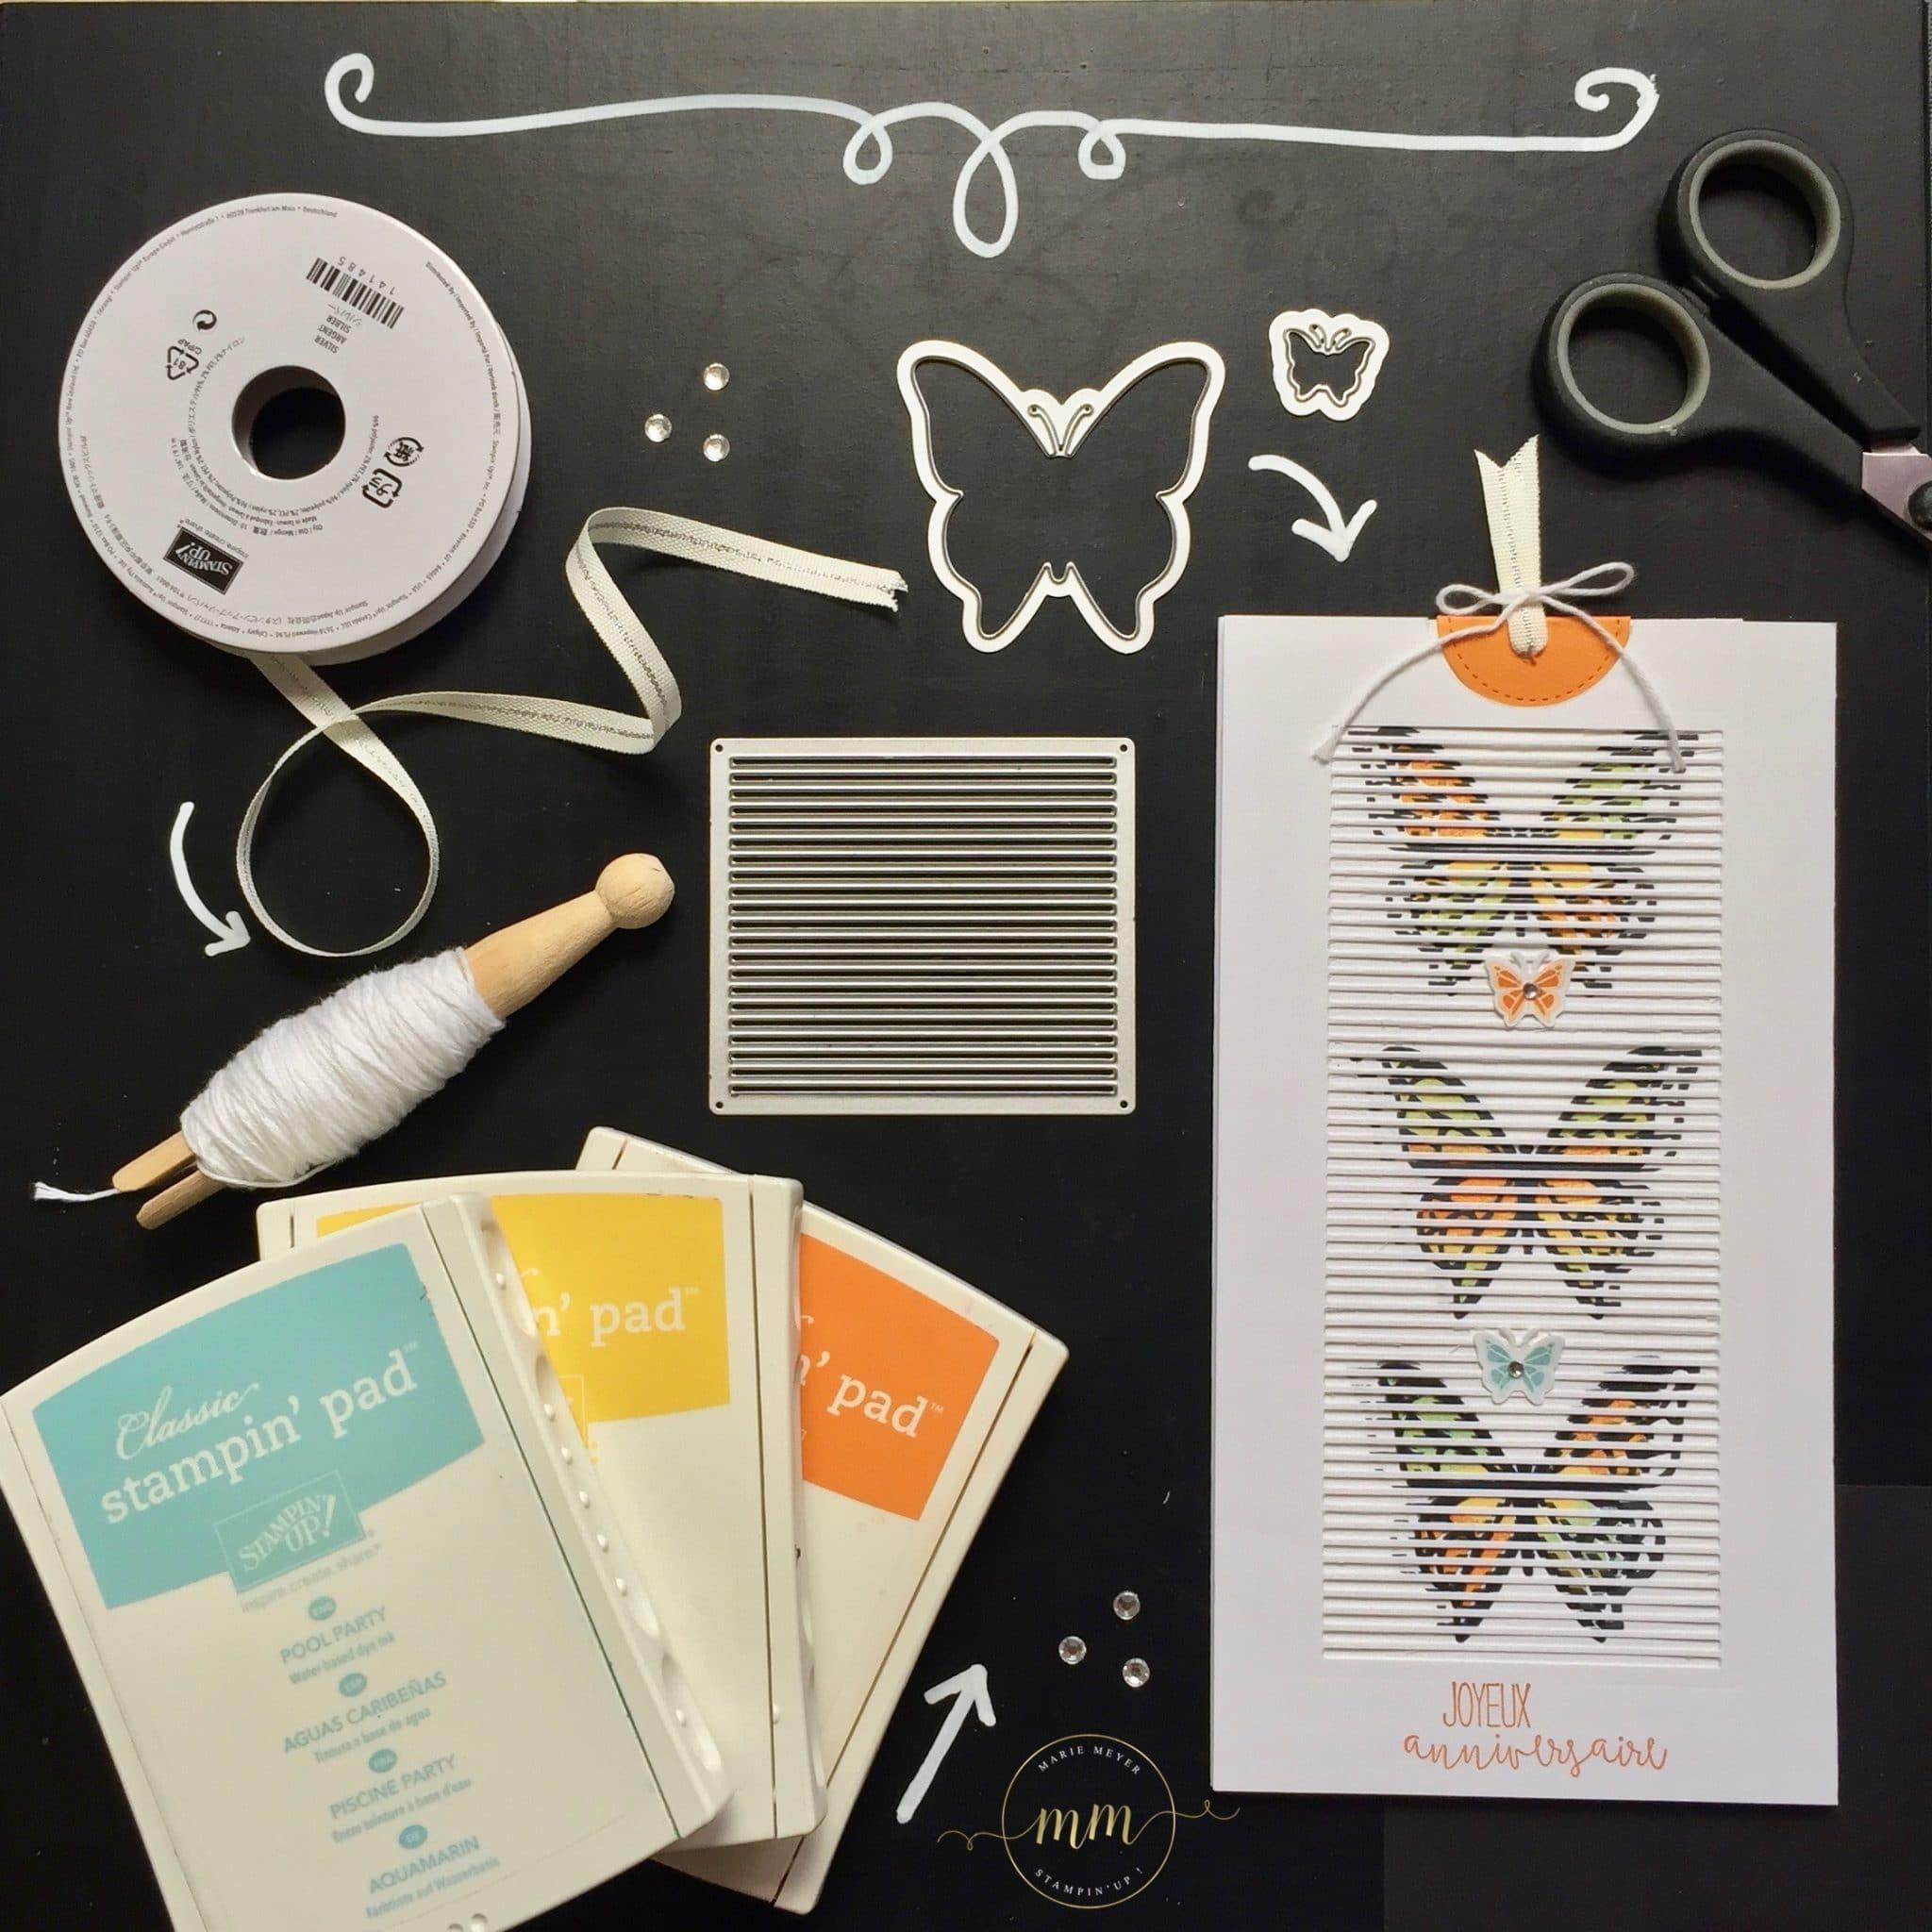 Carte d'anniversaire interactive Thinlits en mouvement et set de tampon You Move Me par Marie Meyer Stampin up - http://ateliers-scrapbooking.fr/ - Interactive card Move Me Thinlits - Interaktive Karte Thinlits Flatterhaft